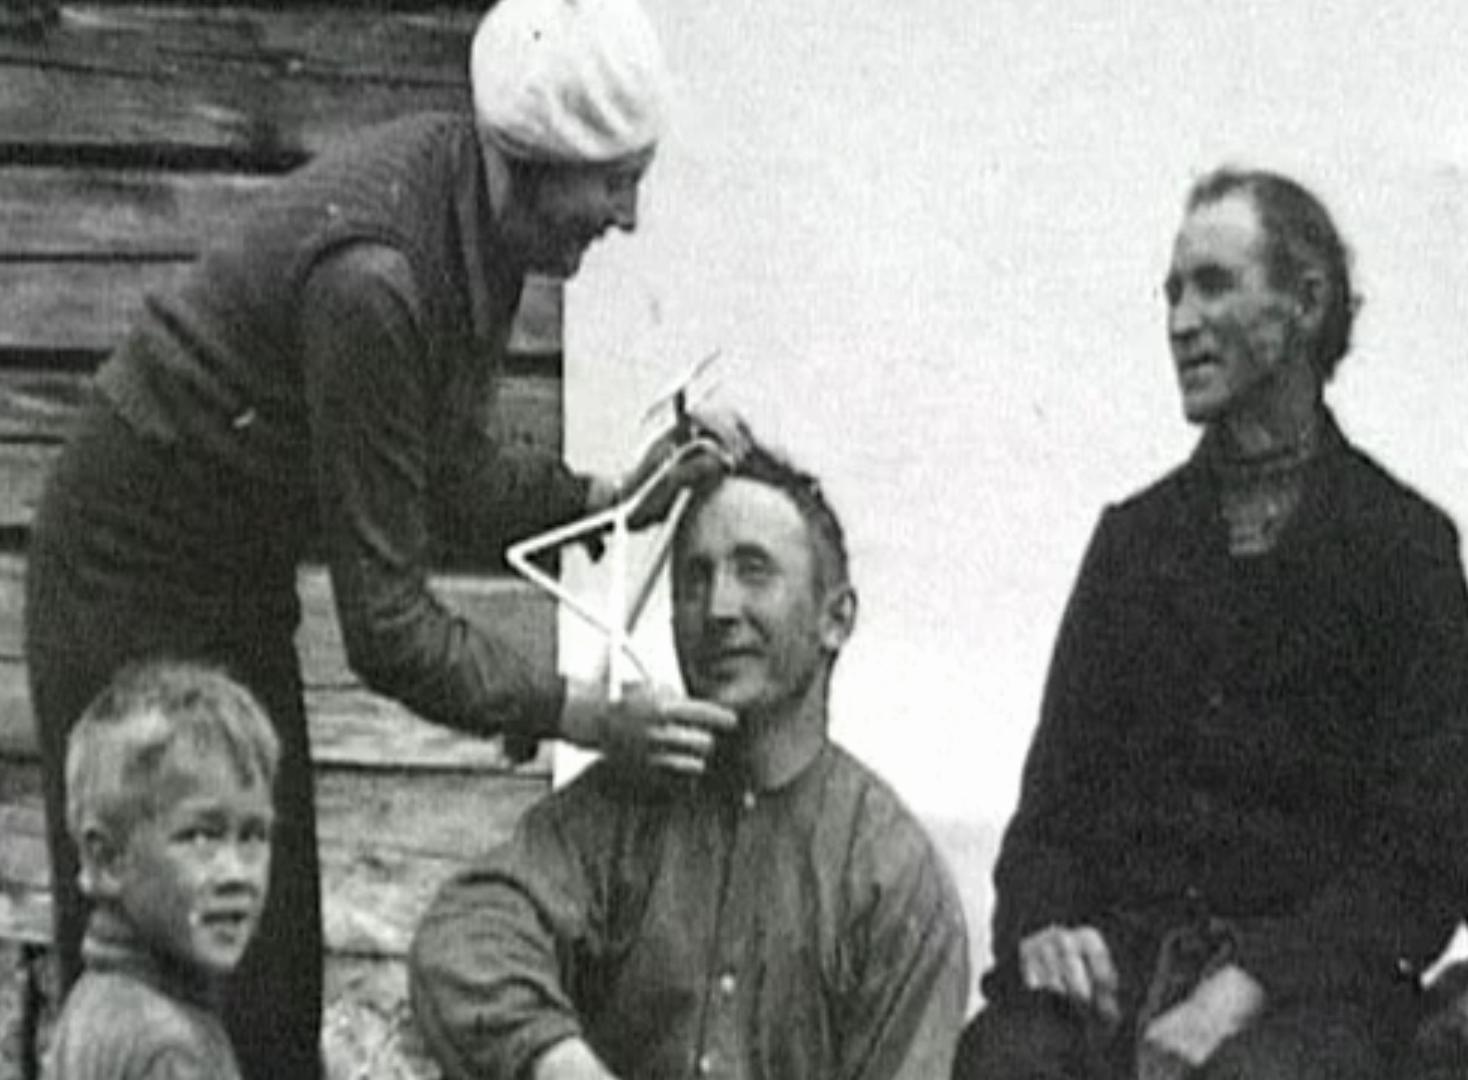 Ett gammalt fotografi där man mäter en persons skalle